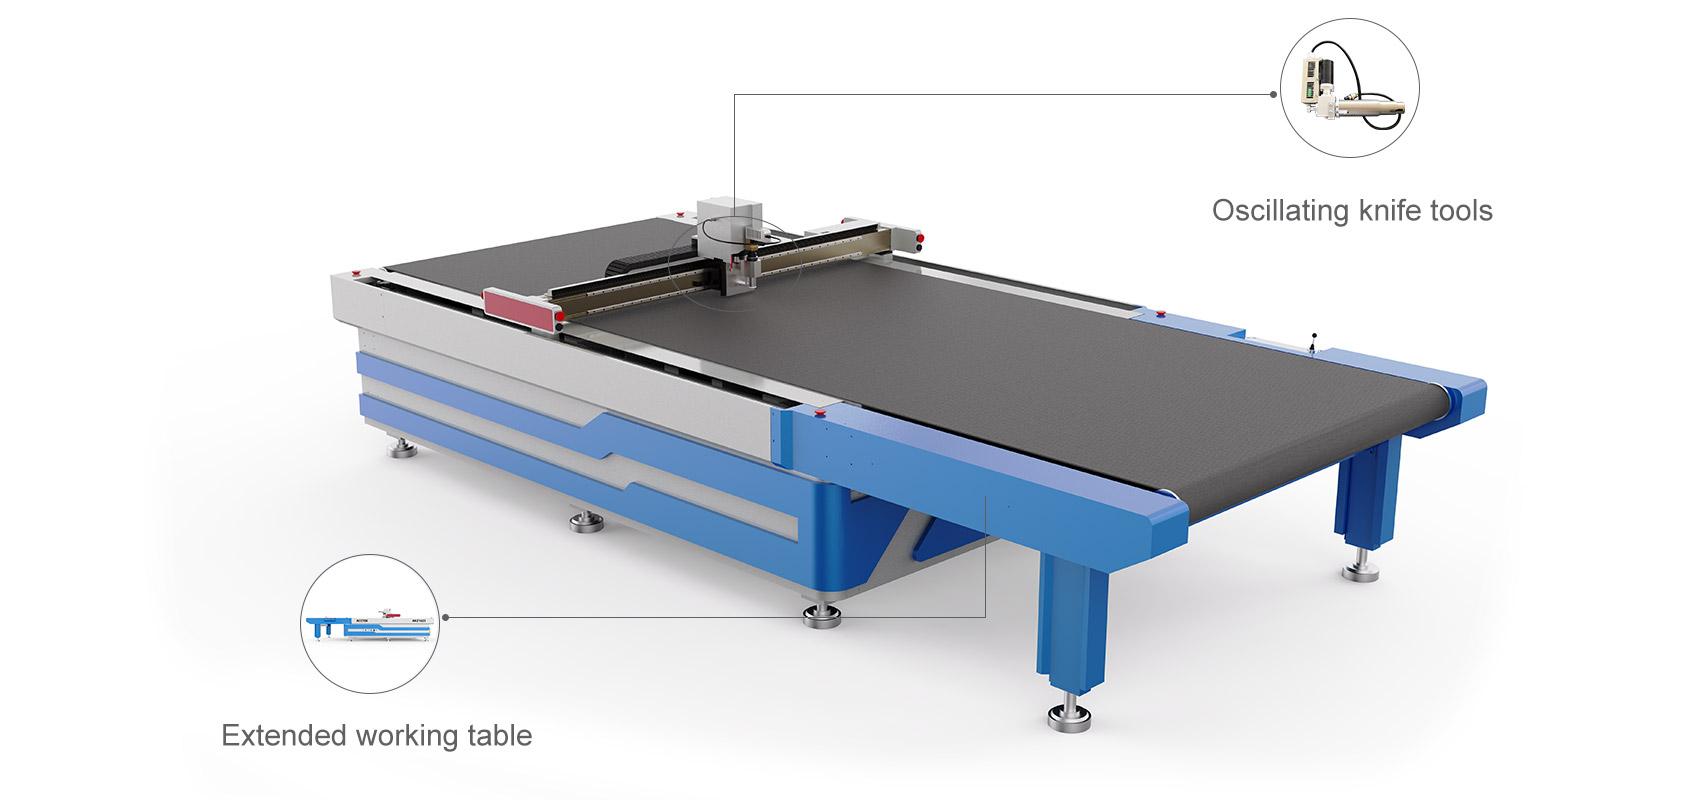 Расширенный автоматический вибрационный нож для кормления